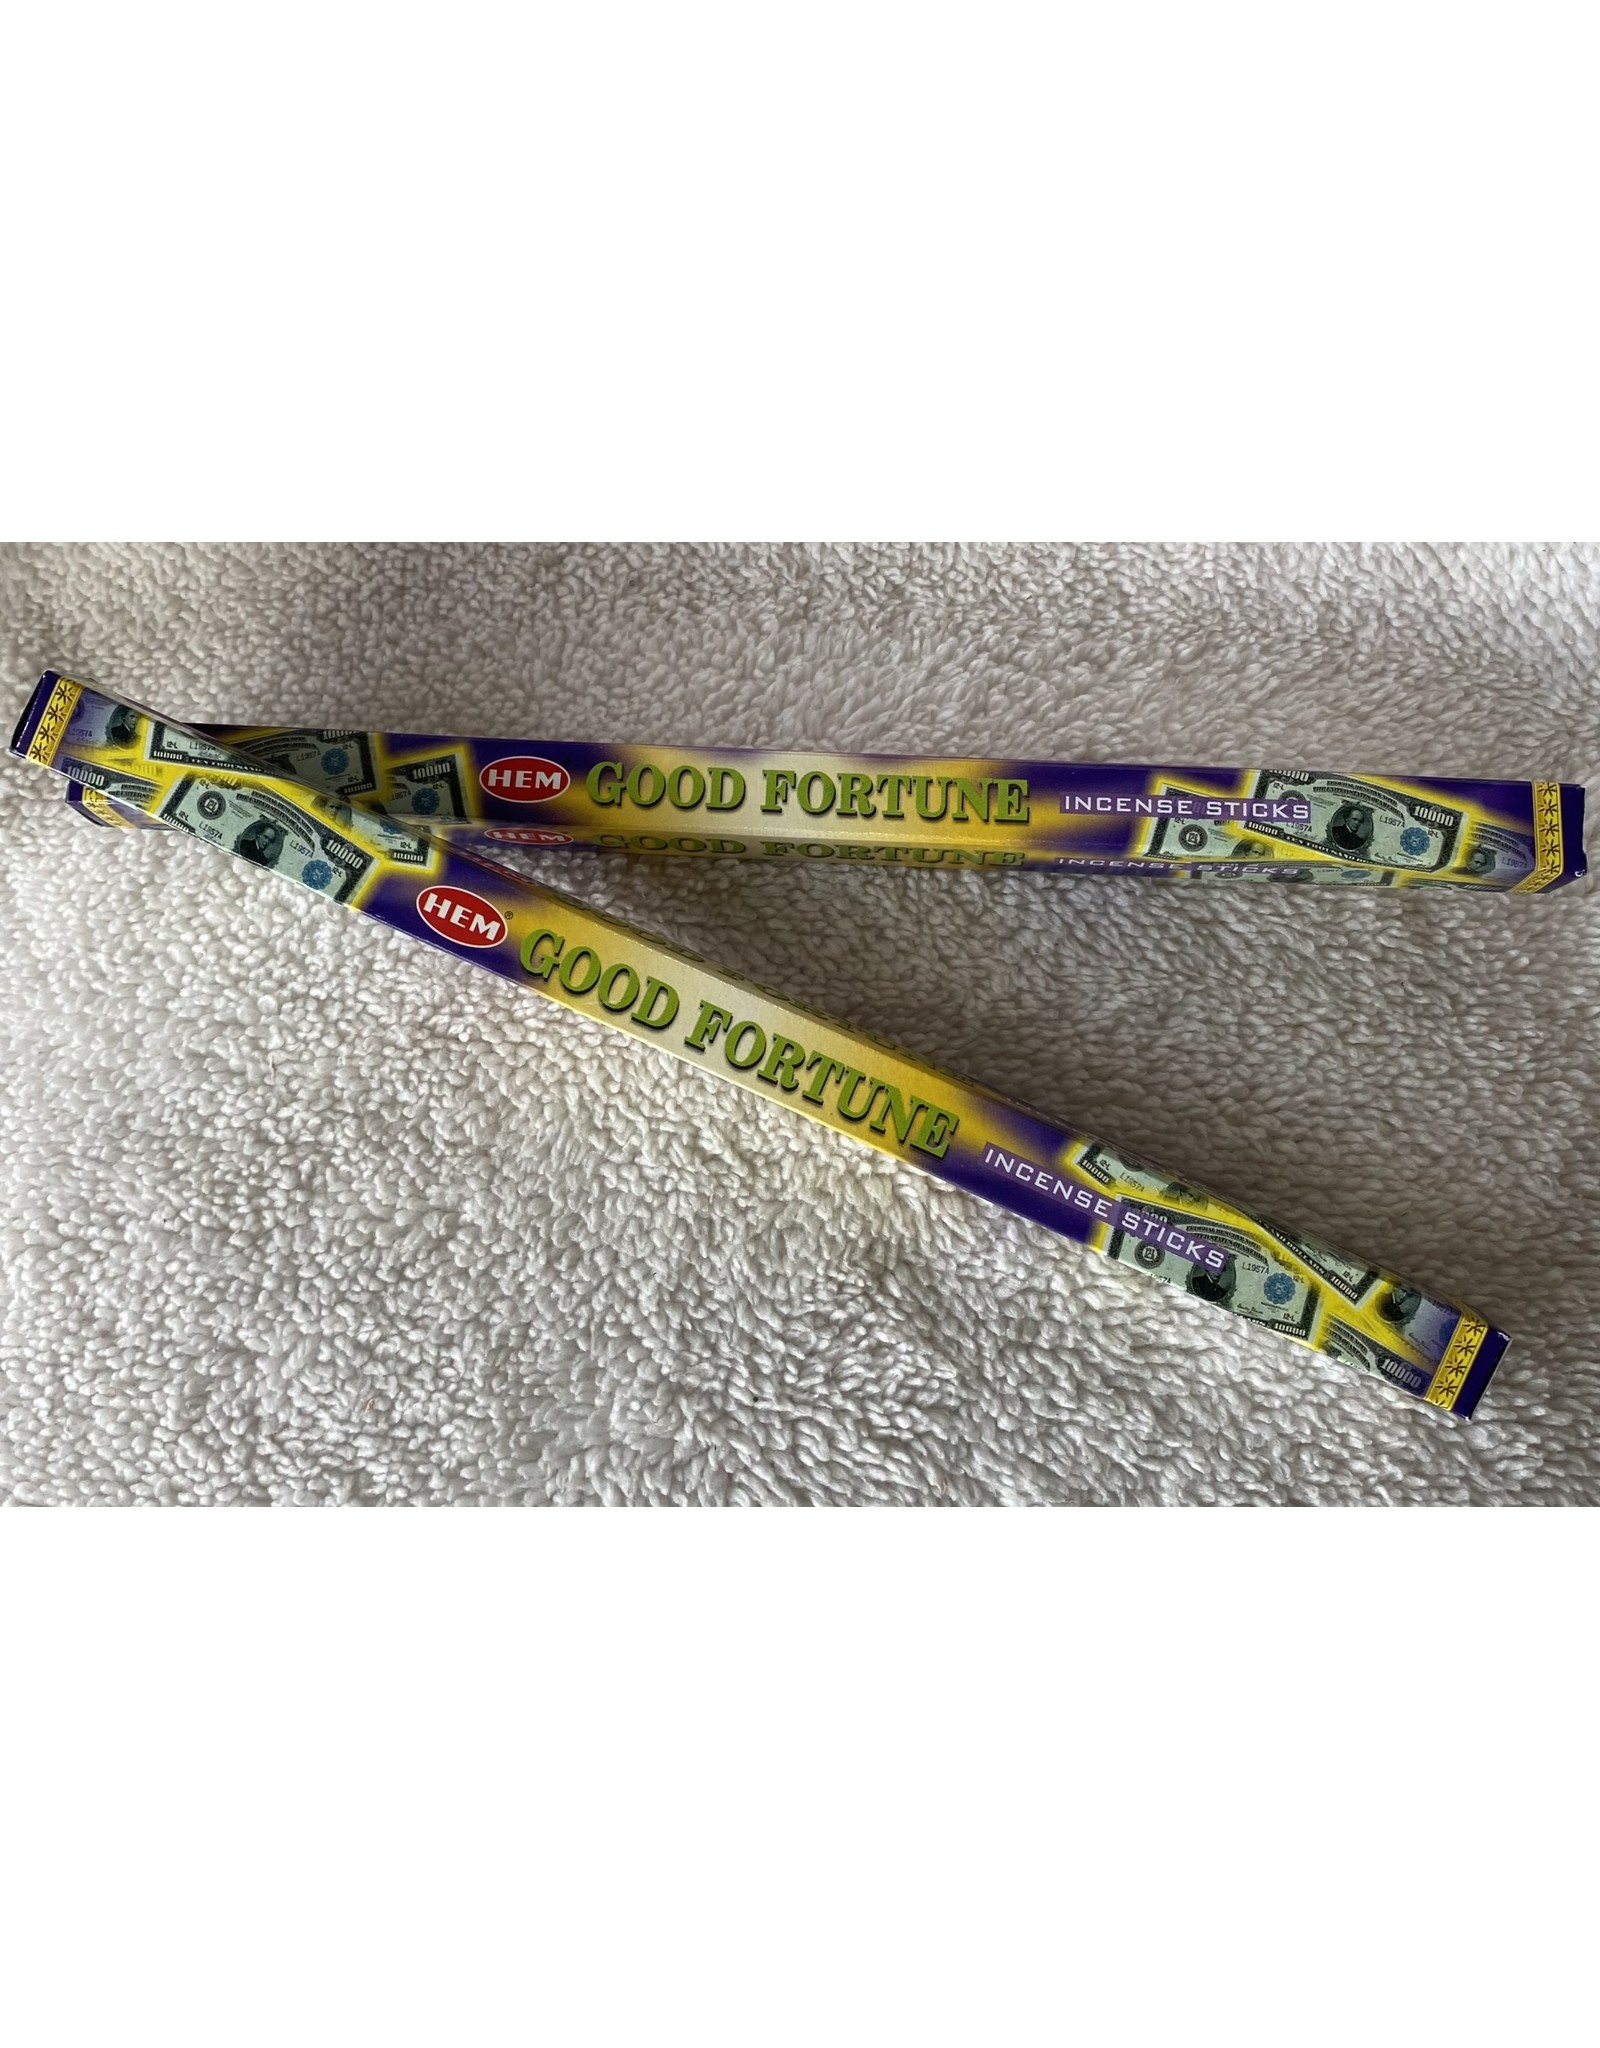 Hem Good Fortune Incense